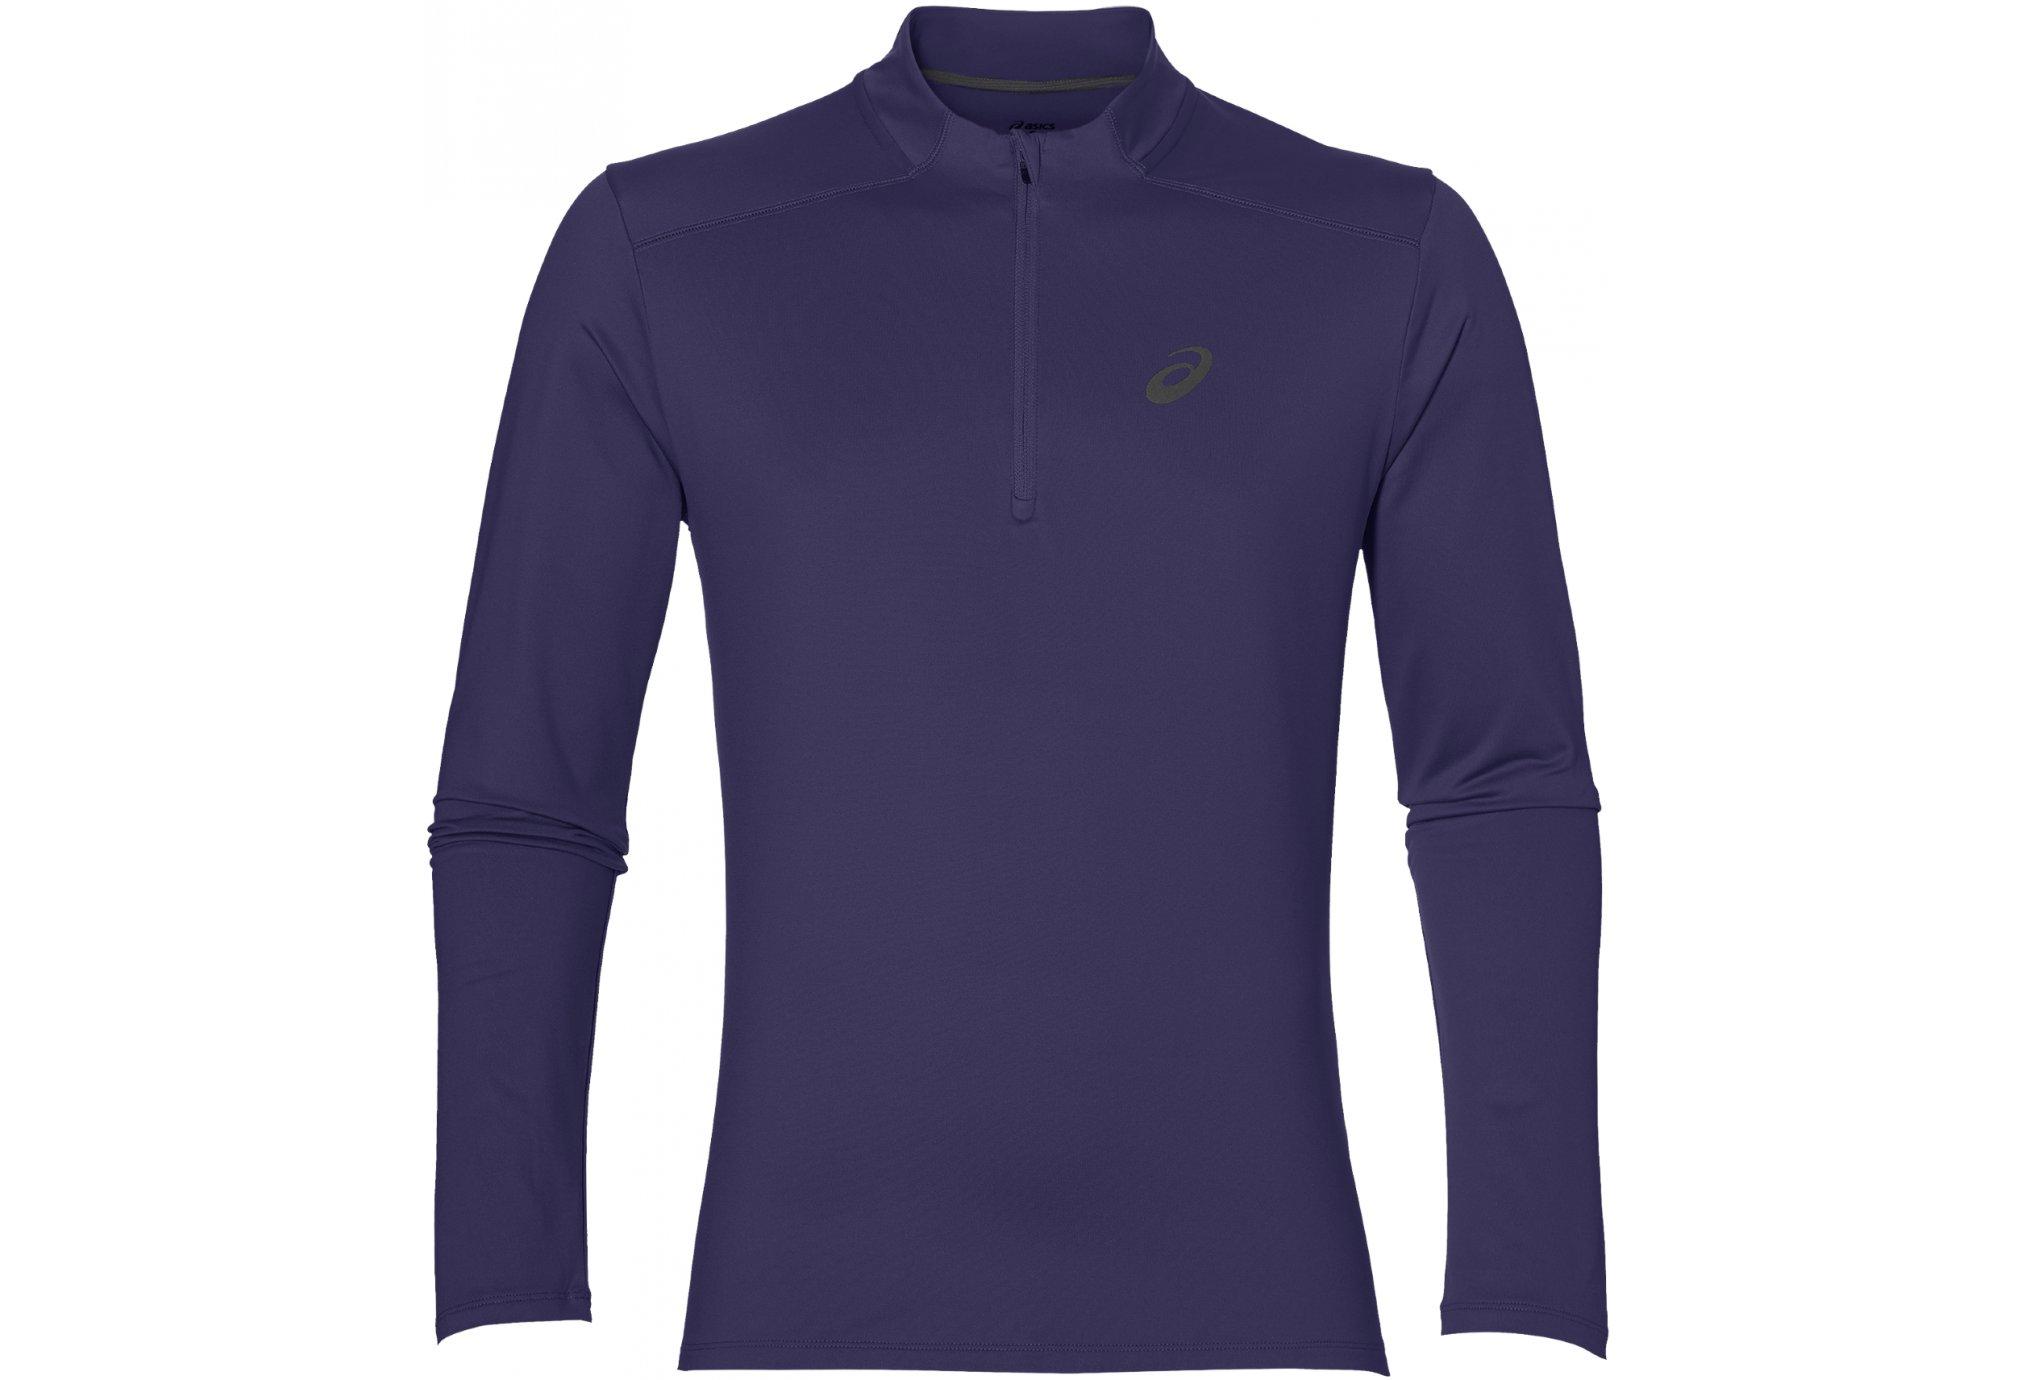 Asics Essential winter 1/2 zip m vêtement running homme